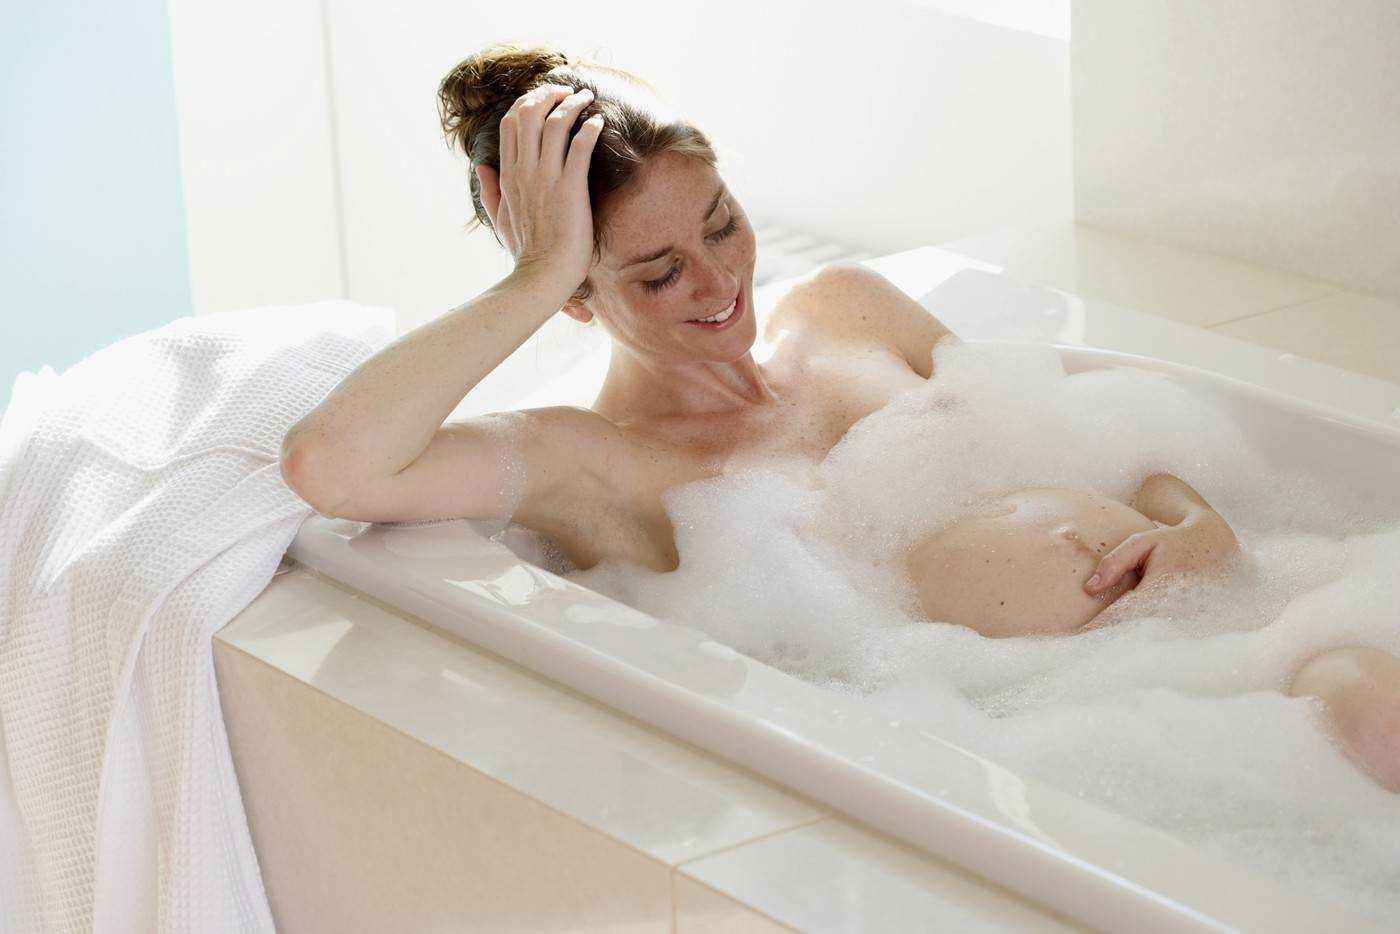 Через сколько можно купаться после кесарева сечения. когда разрешается принимать ванну или душ после родов и кесарева сечения: основные нюансы - новая медицина